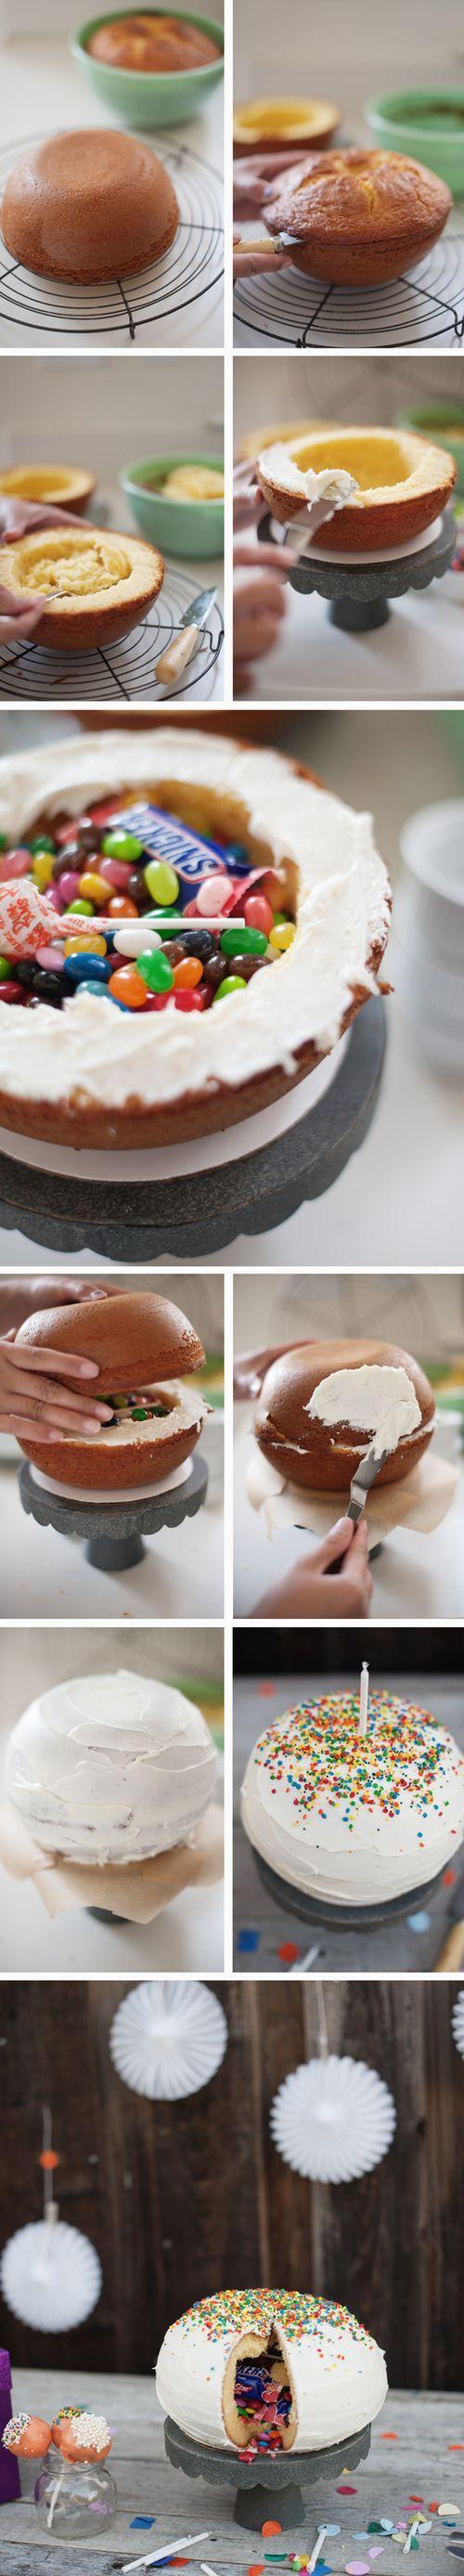 Piñata Cake! Fait pour les 5 ans de Lliam avec glaçage au Nutelle et déco mini fingers & smarties ^_^